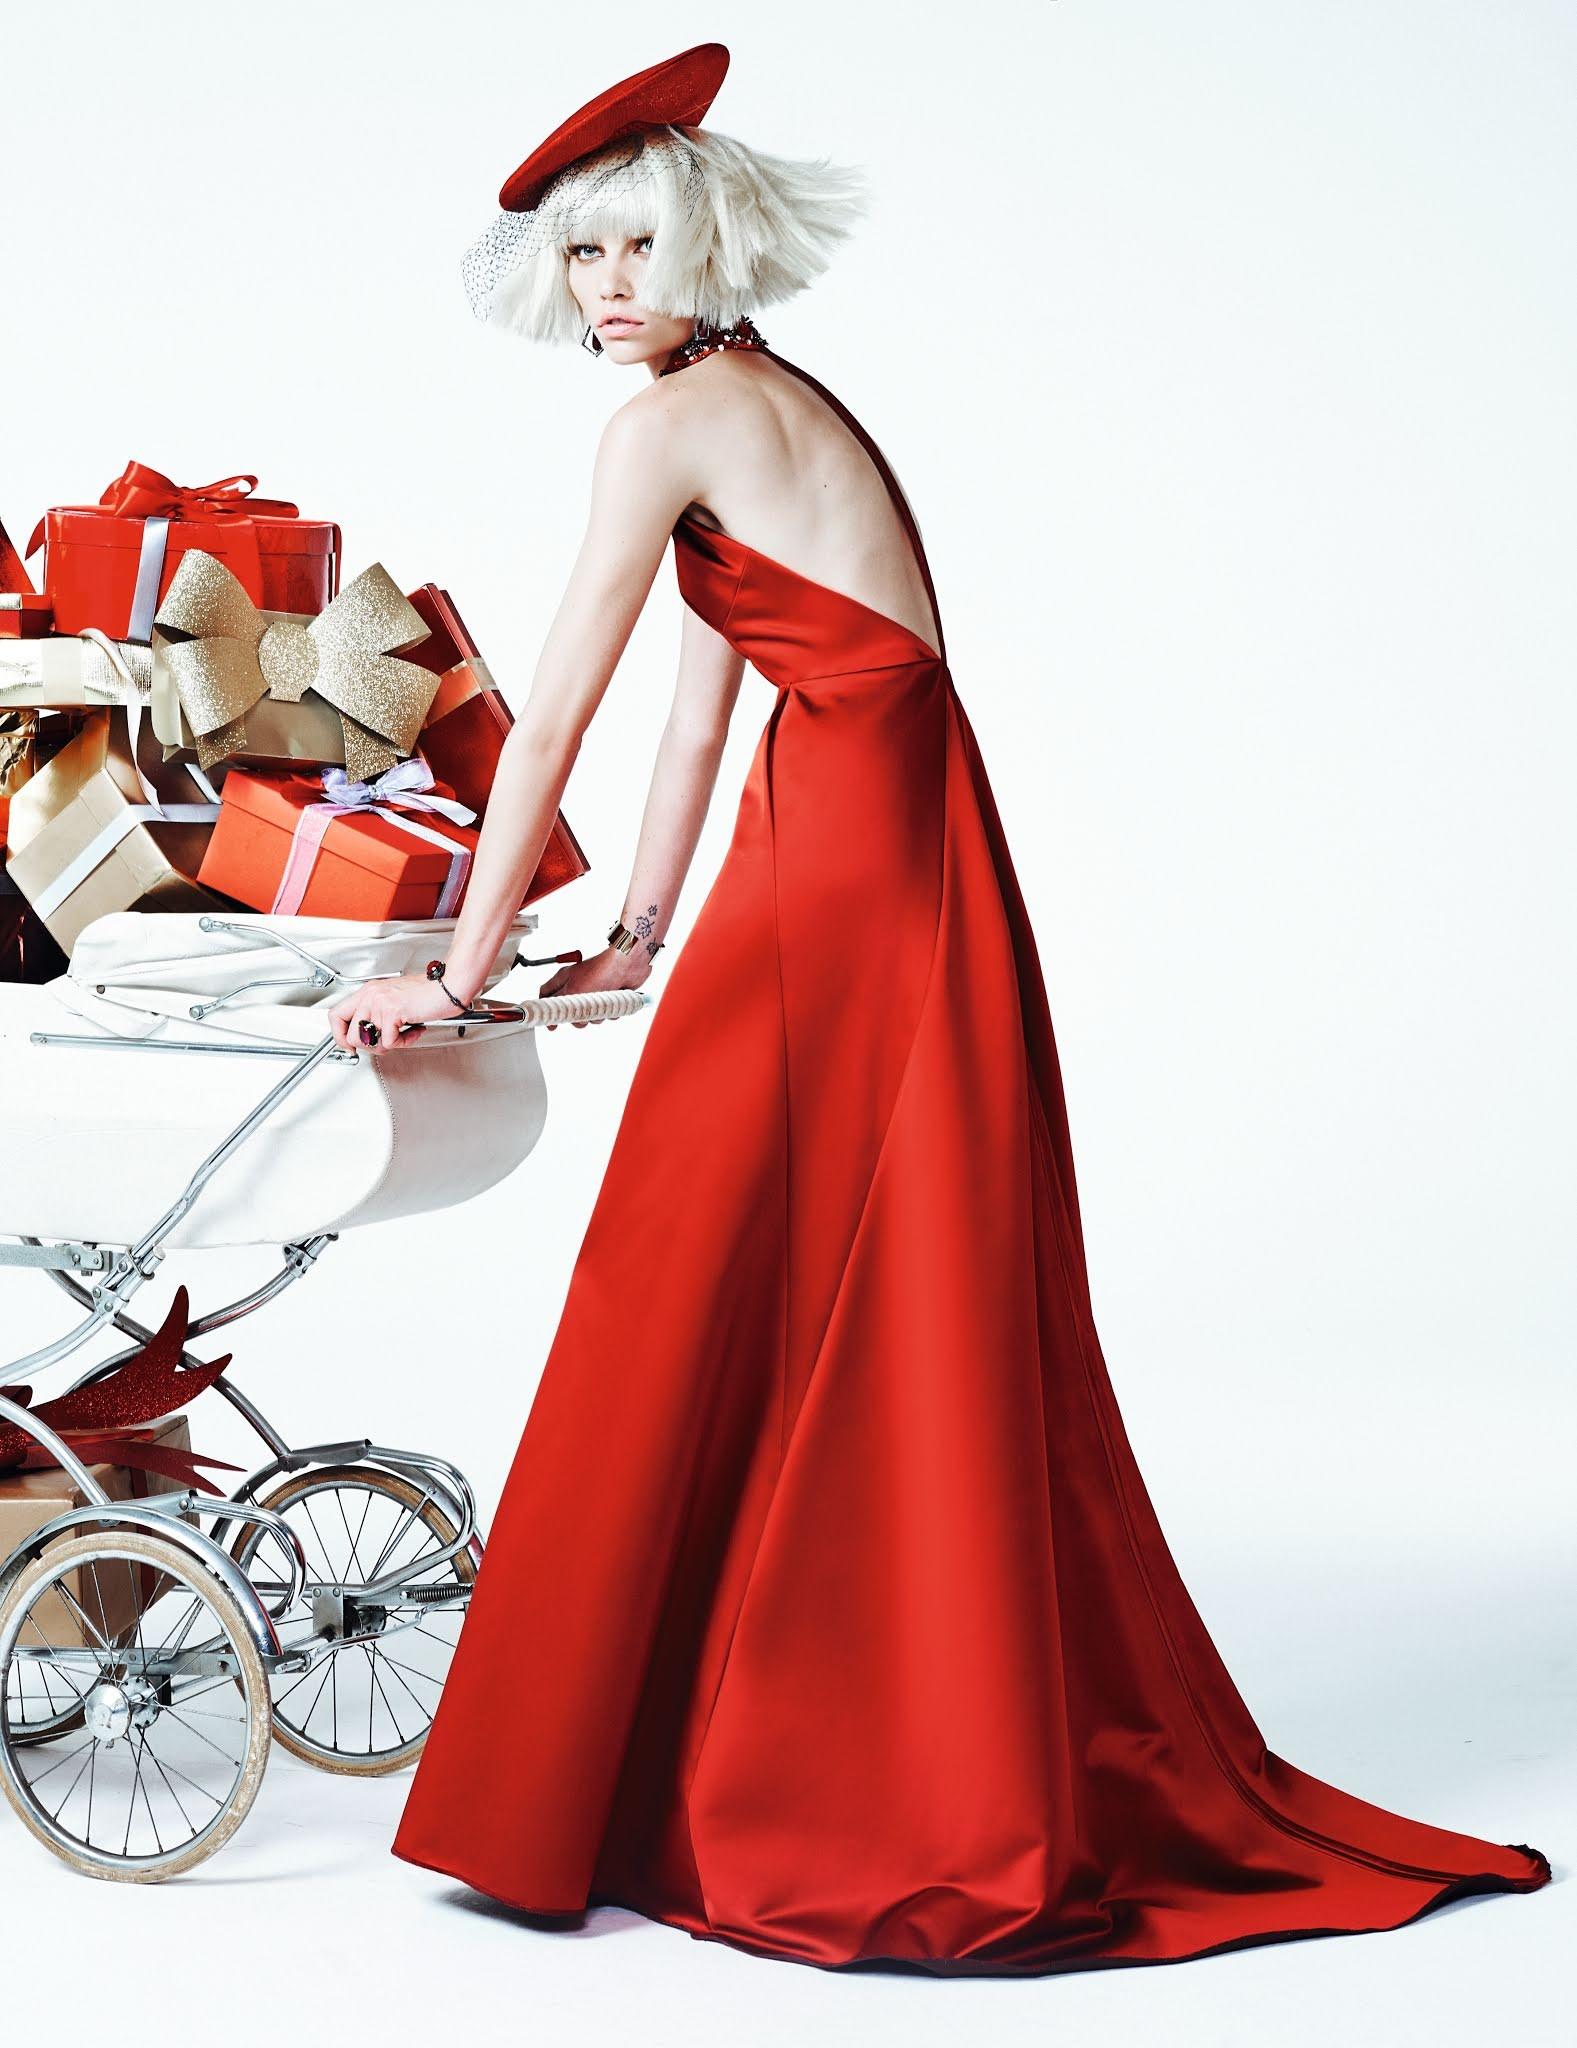 Natal: 15 opções de presentes de beleza para a amiga que já tem tudo